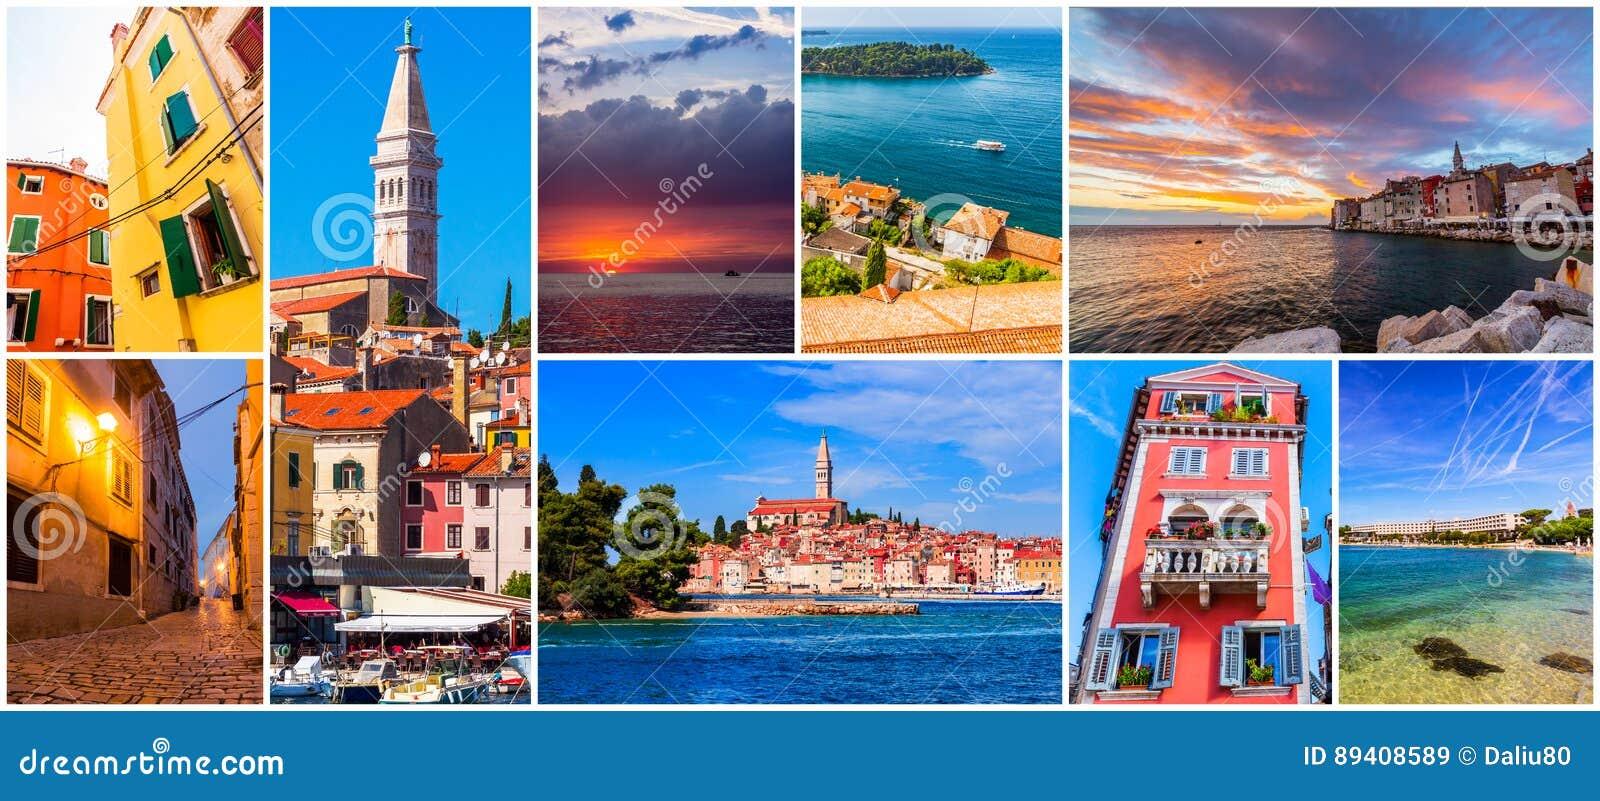 Colagem de fotos de Rovinj na Croácia